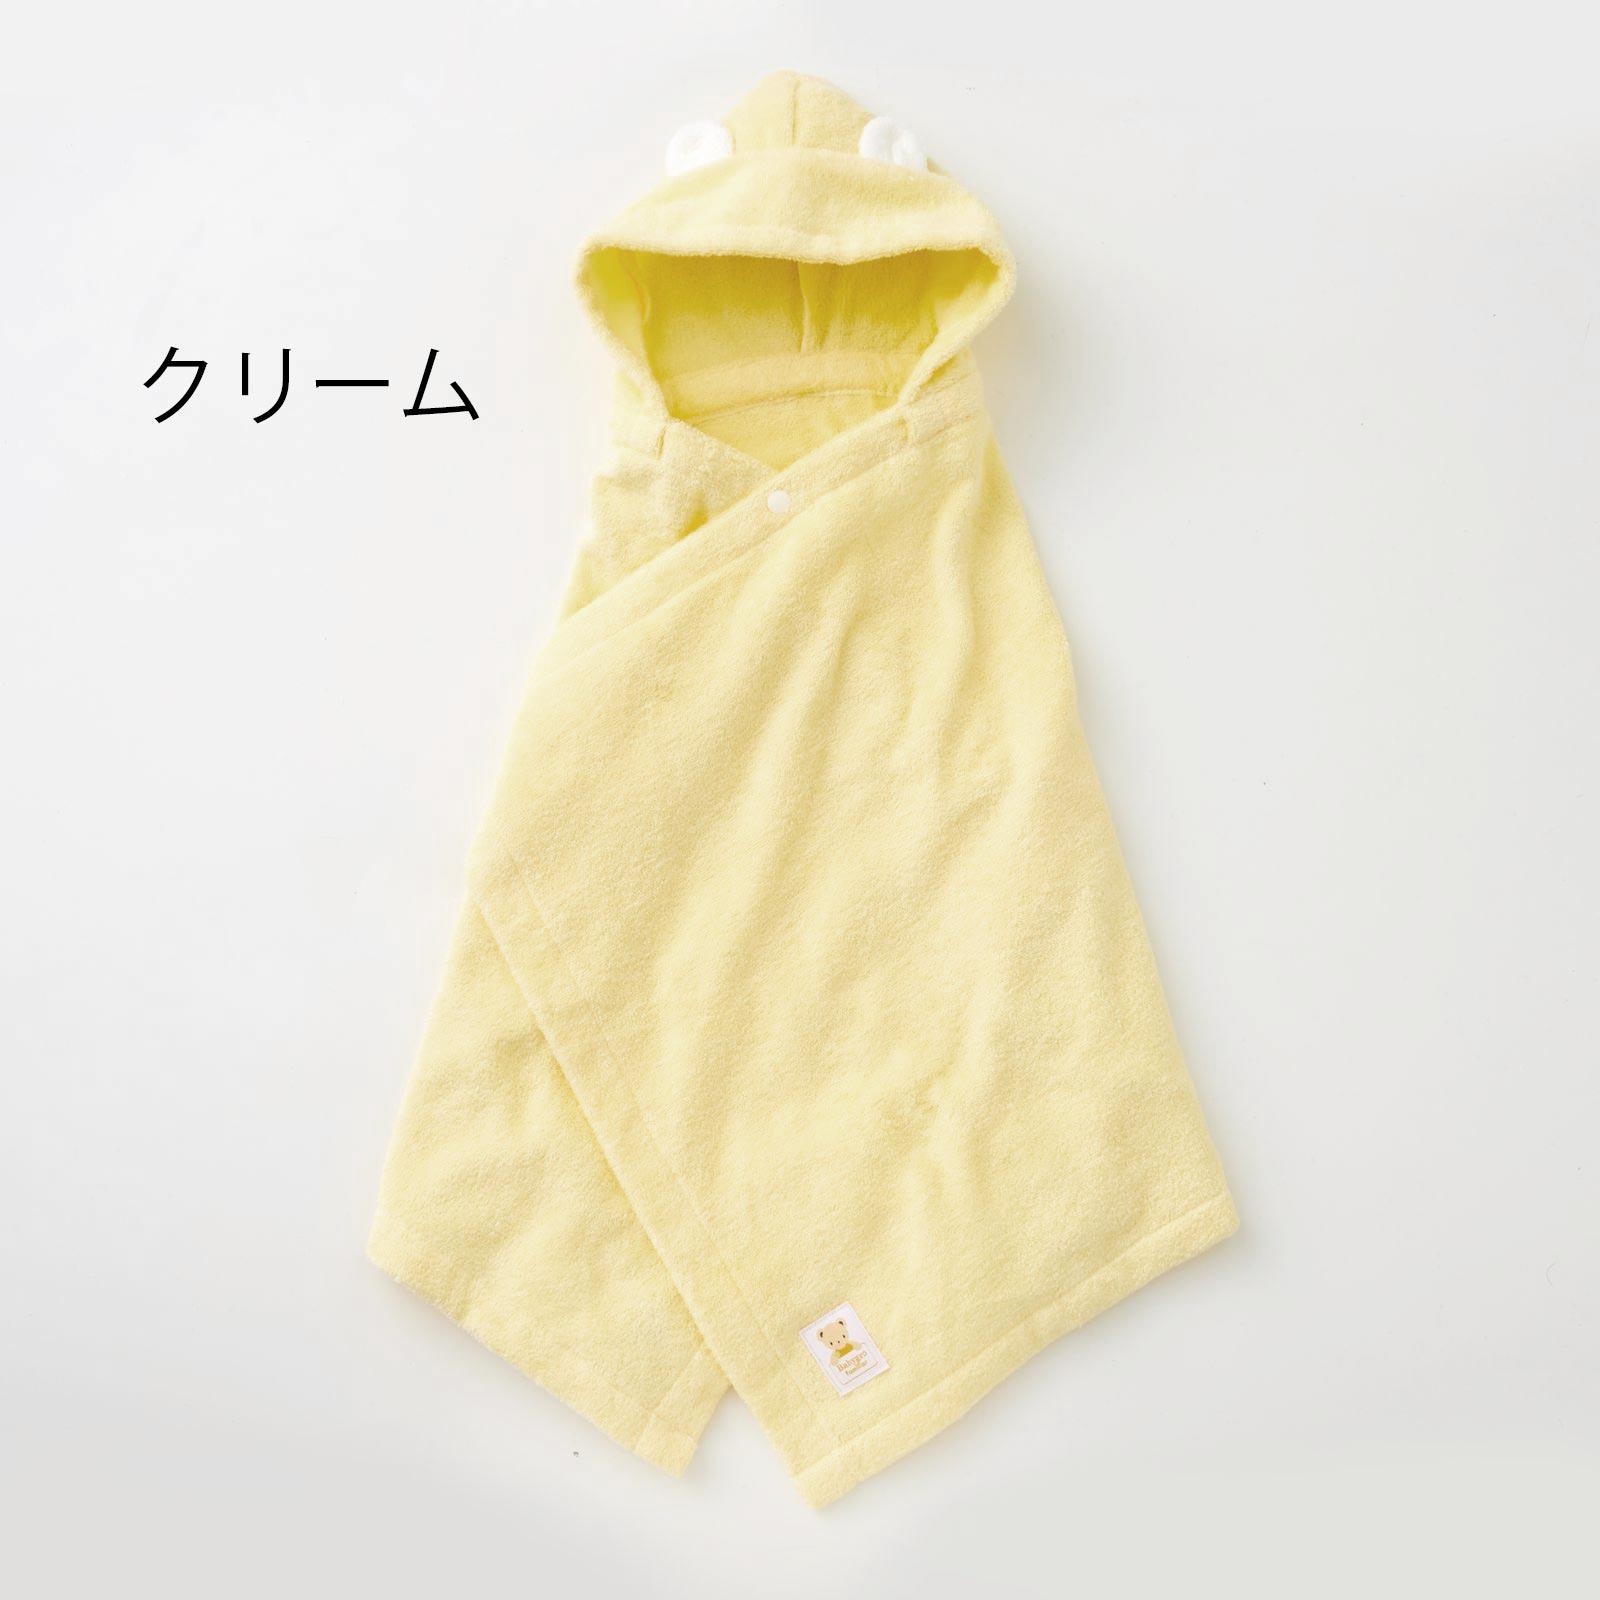 ファミリア ポンチョ型バスタオル